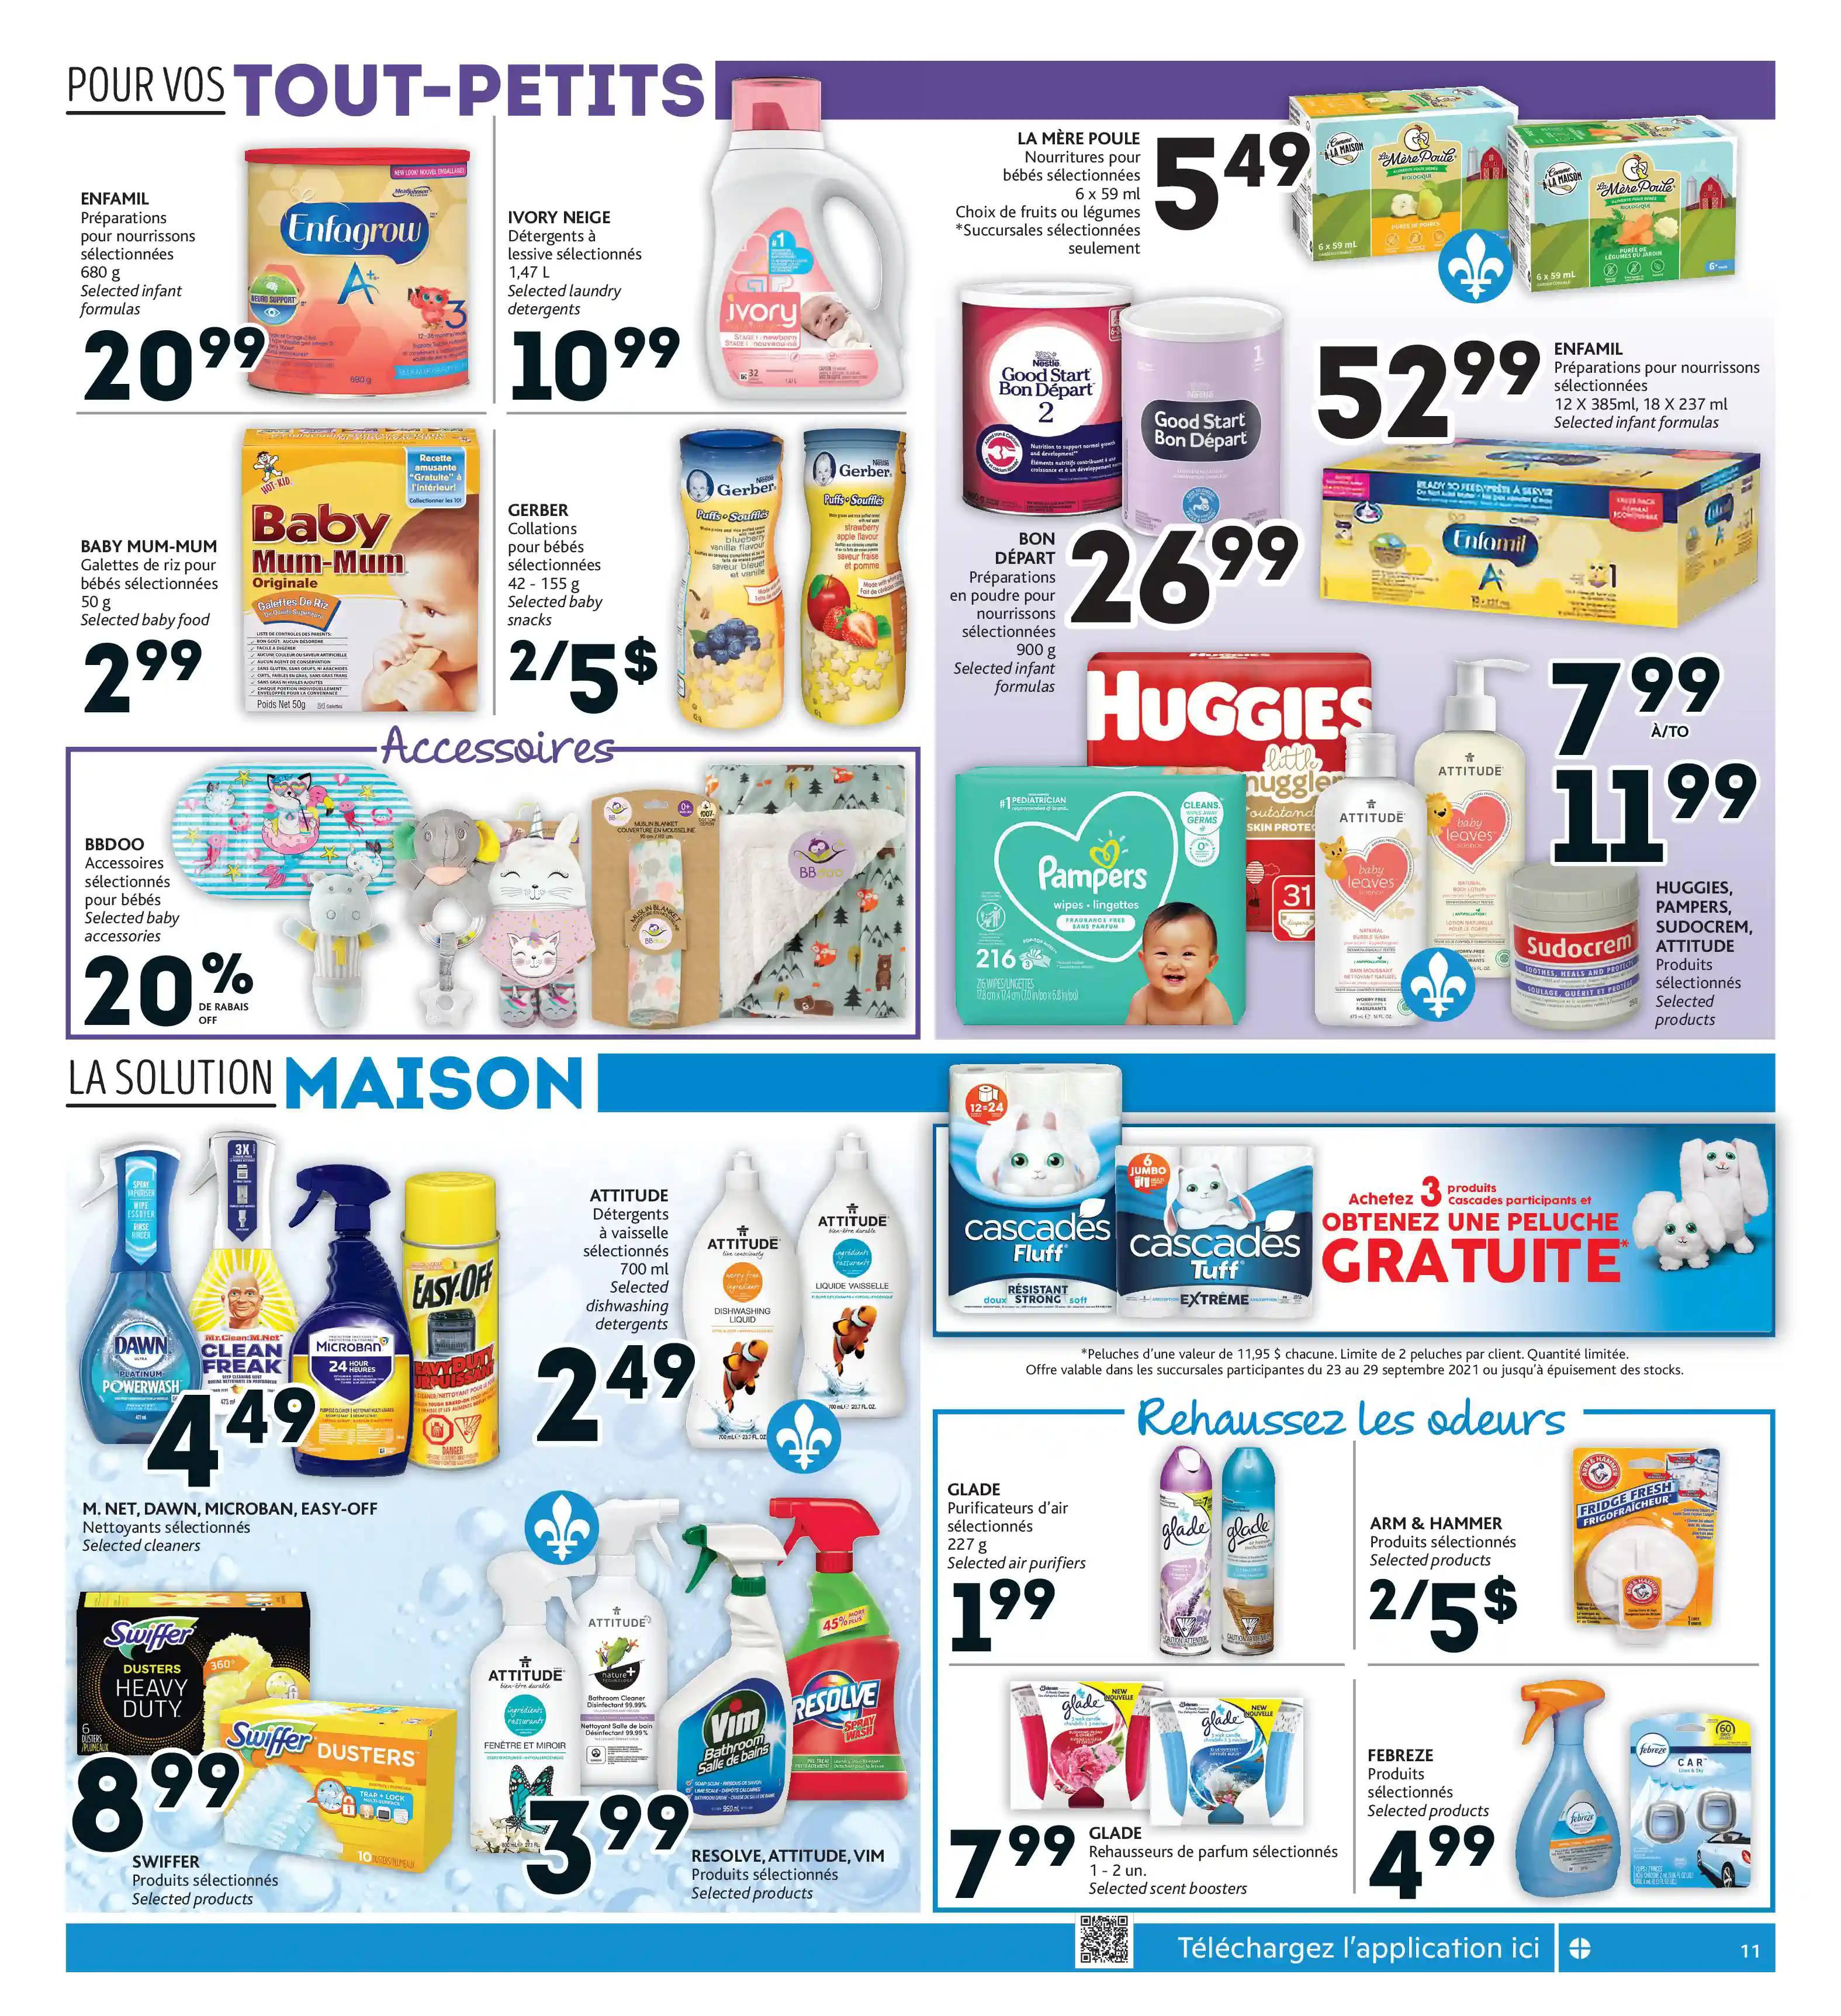 Circulaire Brunet - Pharmacie du 23 au 29 Septembre 2021 - Page 11